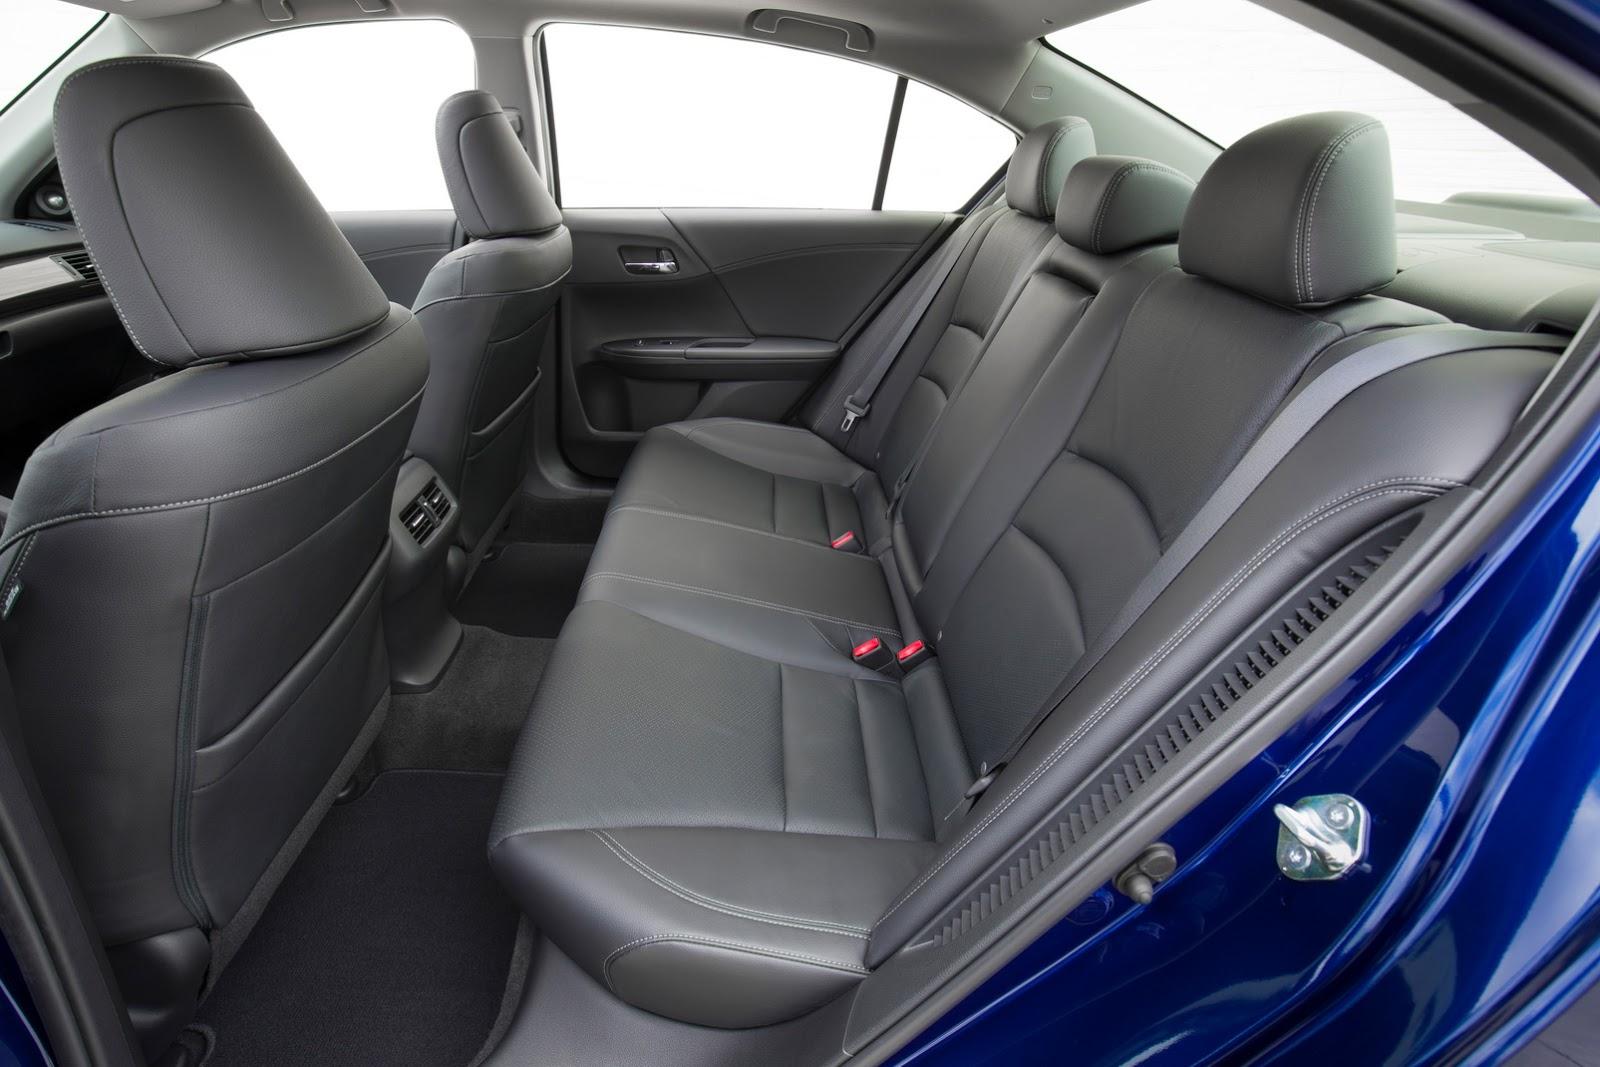 Những tính năng mới của Honda Accord Hybrid 2017 bao gồm khởi động máy từ xa, cảm biến đỗ xe trước/sau, cần gạt kính chắn gió cảm ứng mưa, ghế sau sưởi ấm và đèn pha tự động.